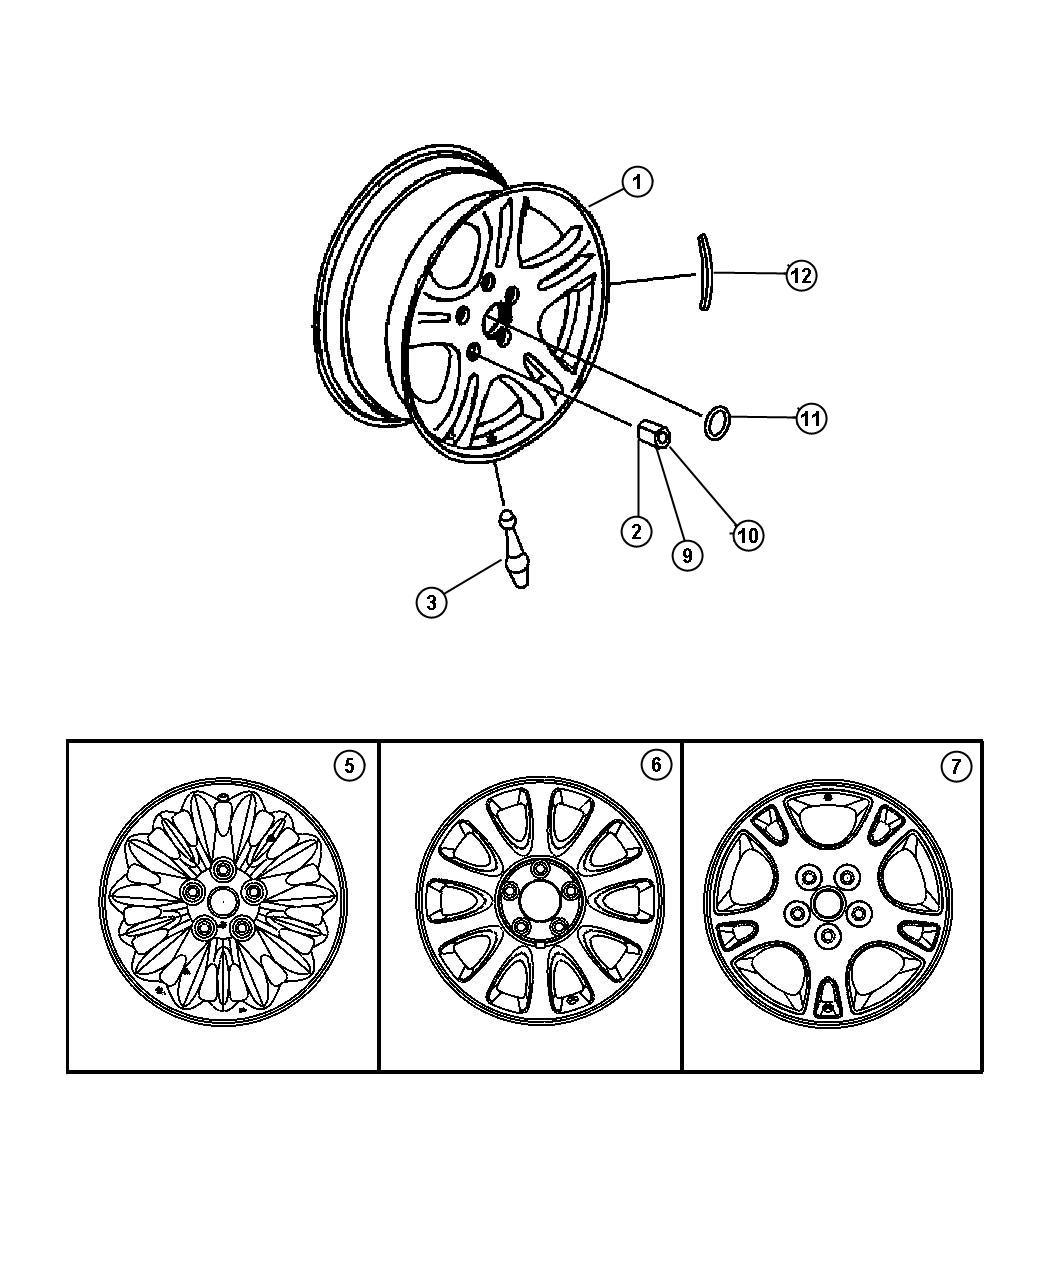 Chrysler Voyager Wheel  Aluminum   16x6 5 Aluminum Wheels   Color   No Description